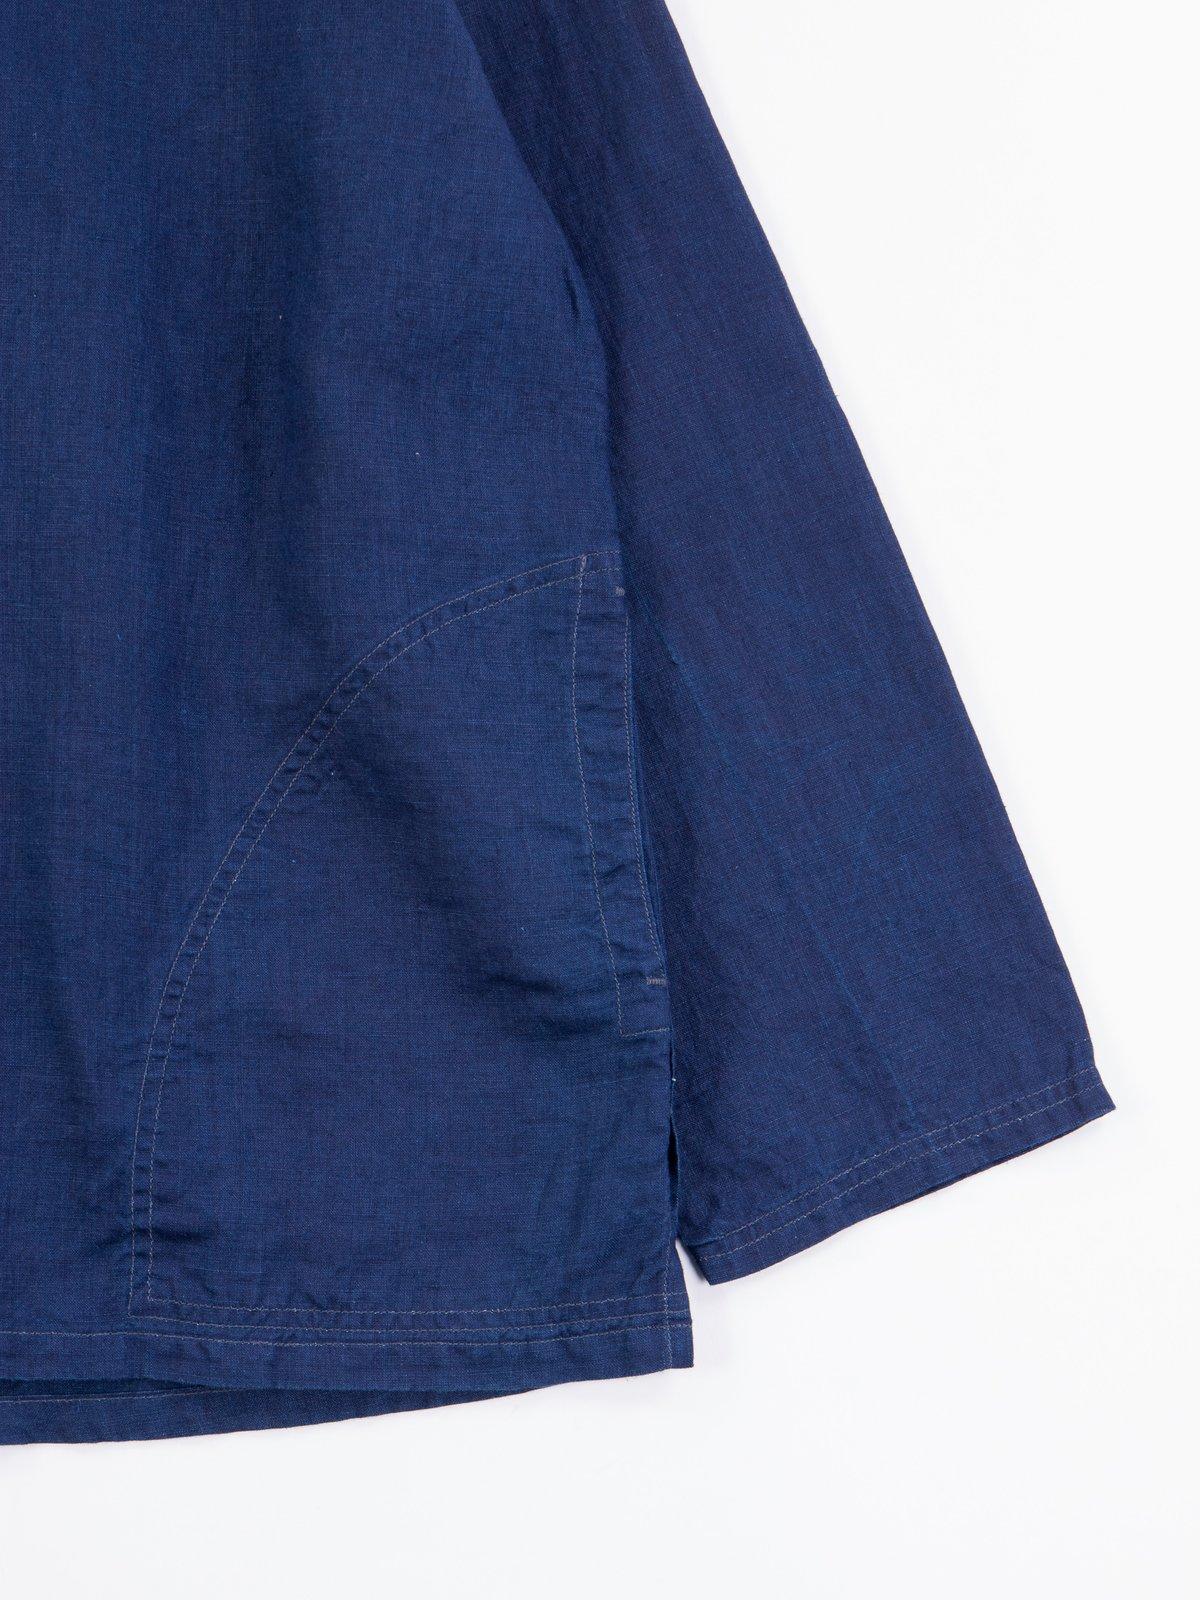 Indigo Linen Pullover Shirt - Image 4